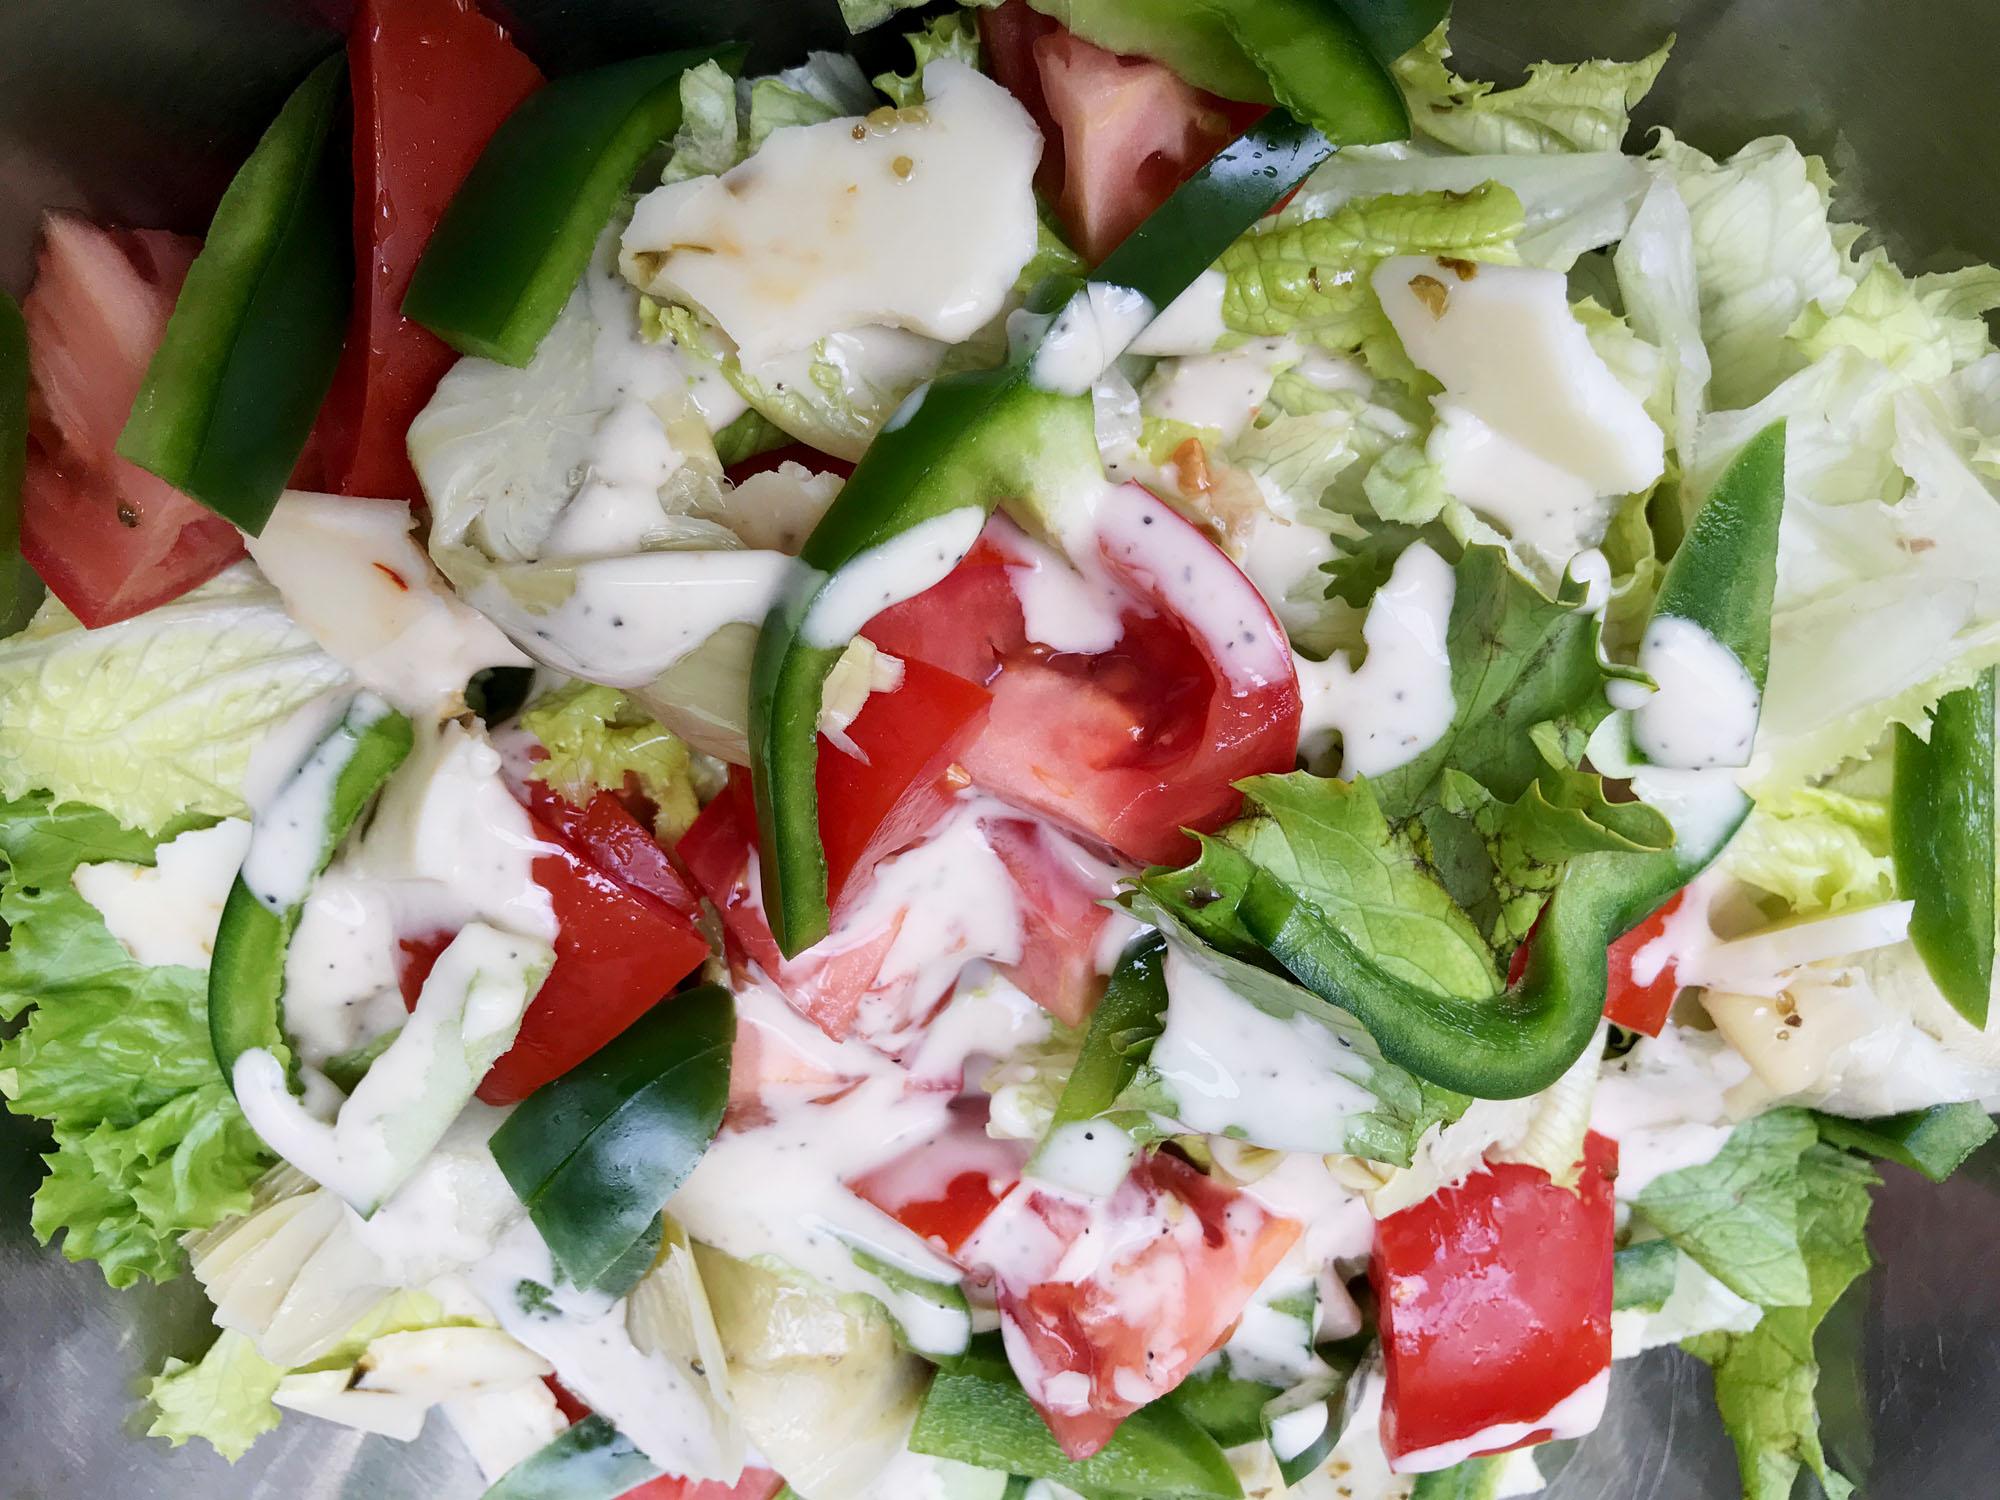 Easy Delicious Healthy Colorful Salad